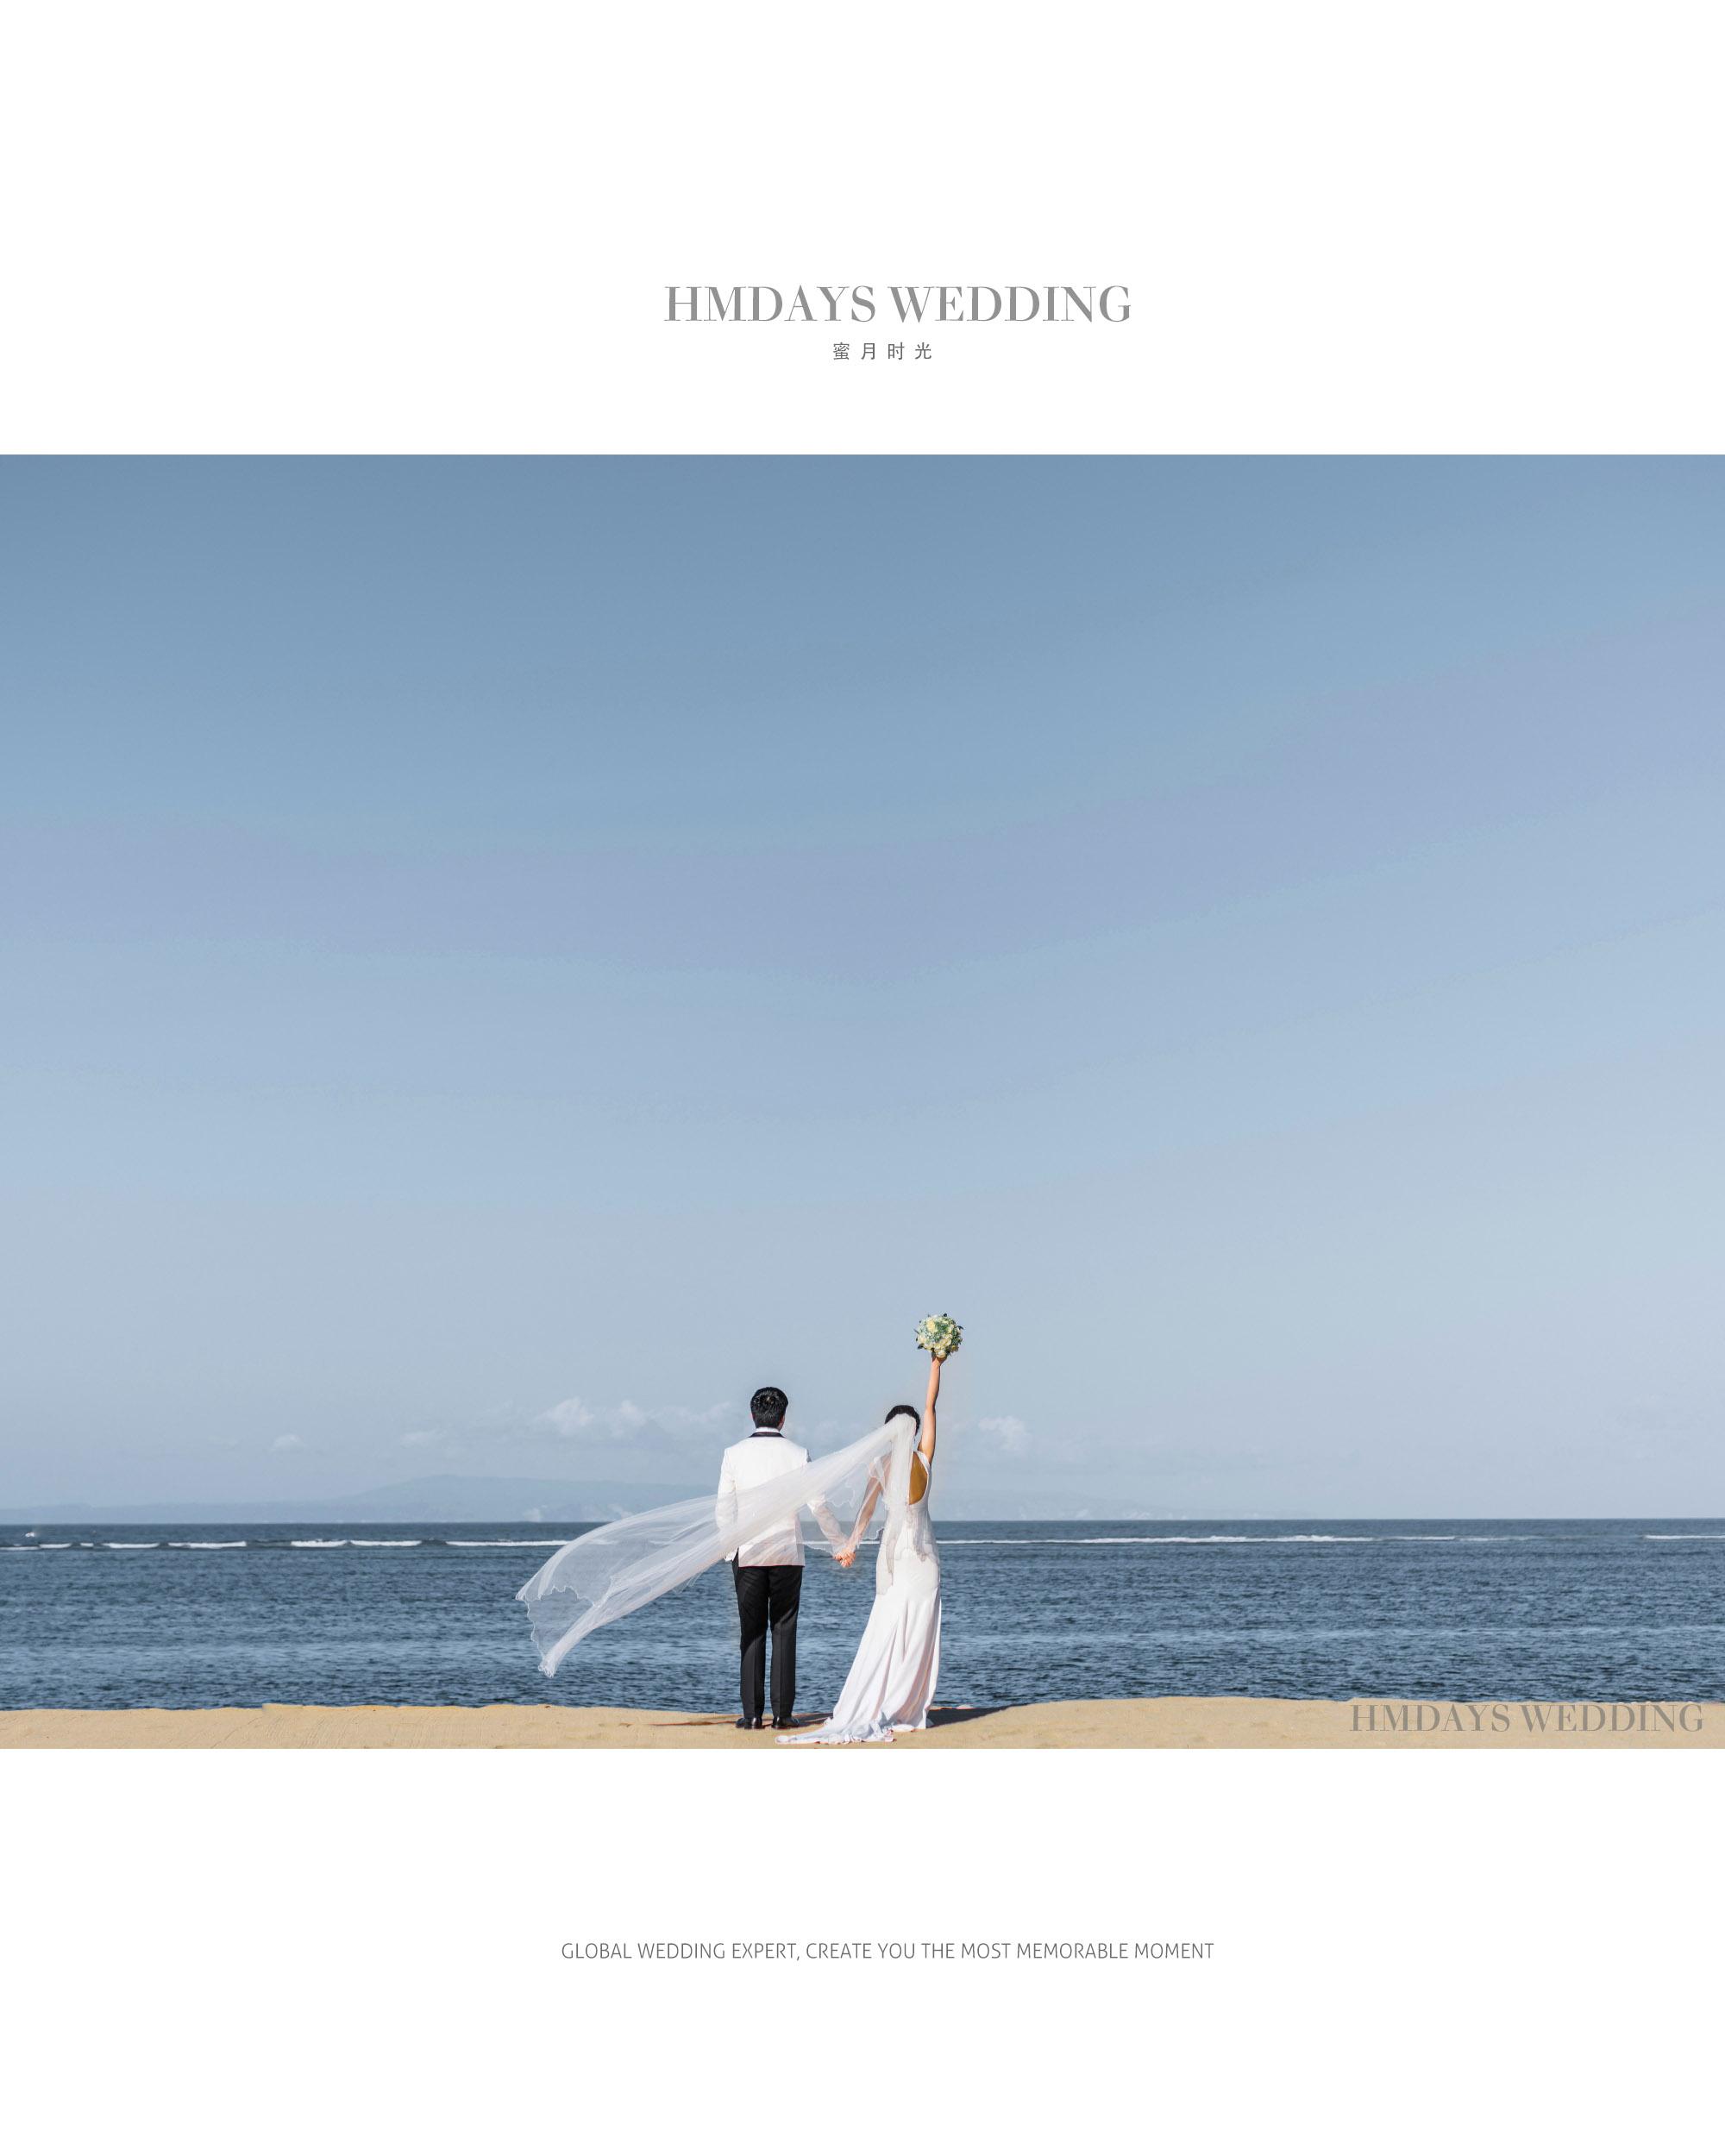 巴厘岛无限教堂婚礼|海外婚礼|海外婚纱摄影|照片